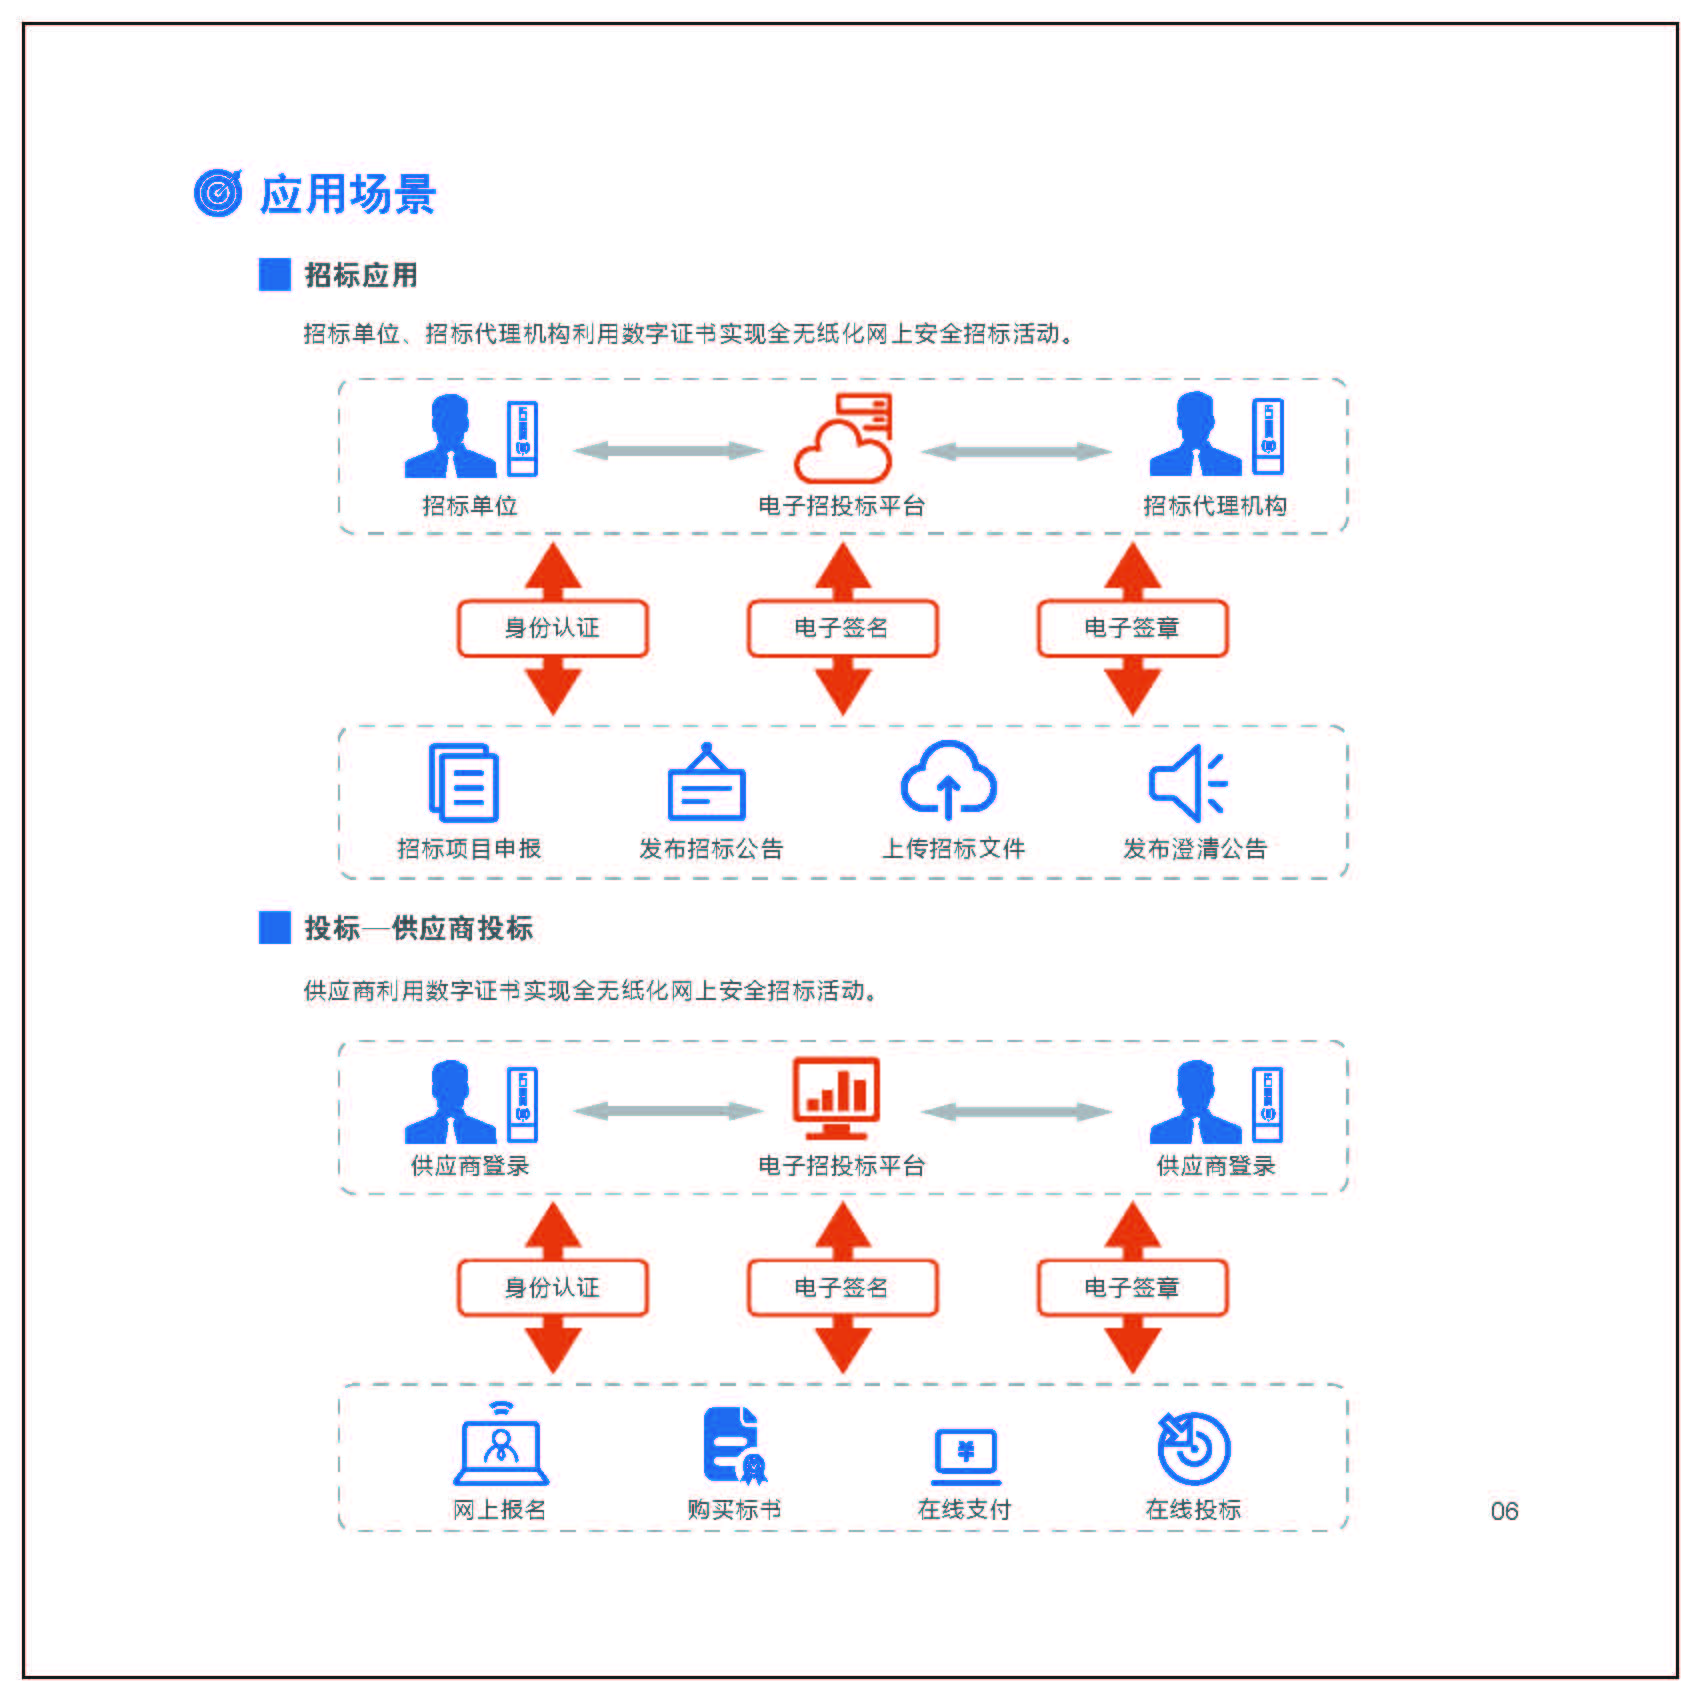 正规公积金数字证书在线办理_正规安全防护产品项目合作续期-深圳市电子商务安全证书管理有限公司贵州分公司